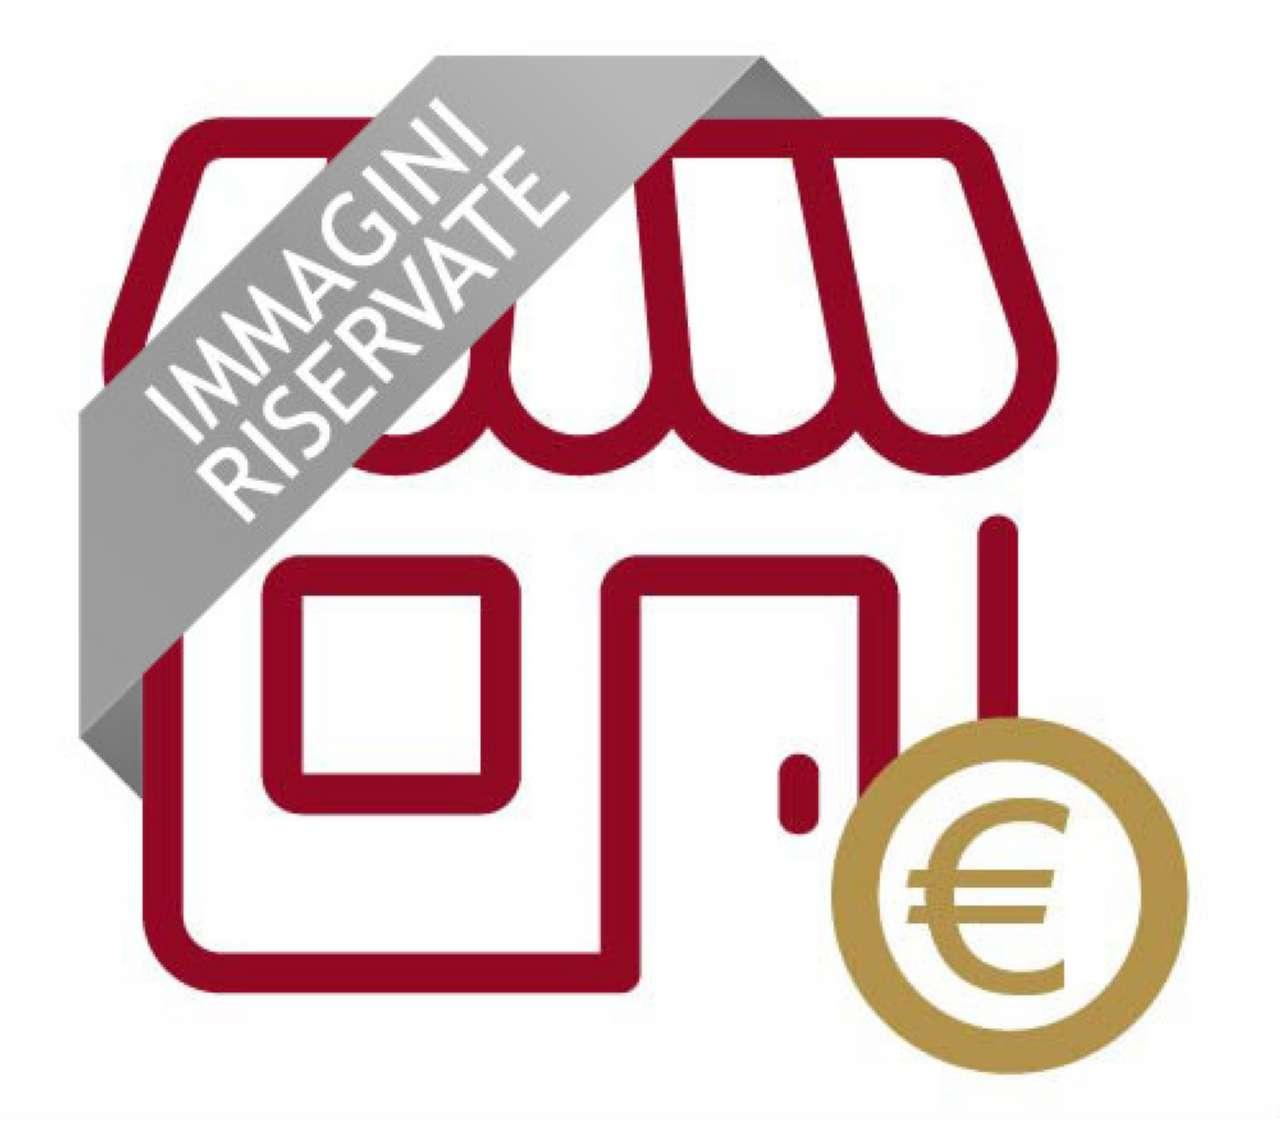 Negozio / Locale in vendita a Domaso, 1 locali, prezzo € 637.000 | CambioCasa.it